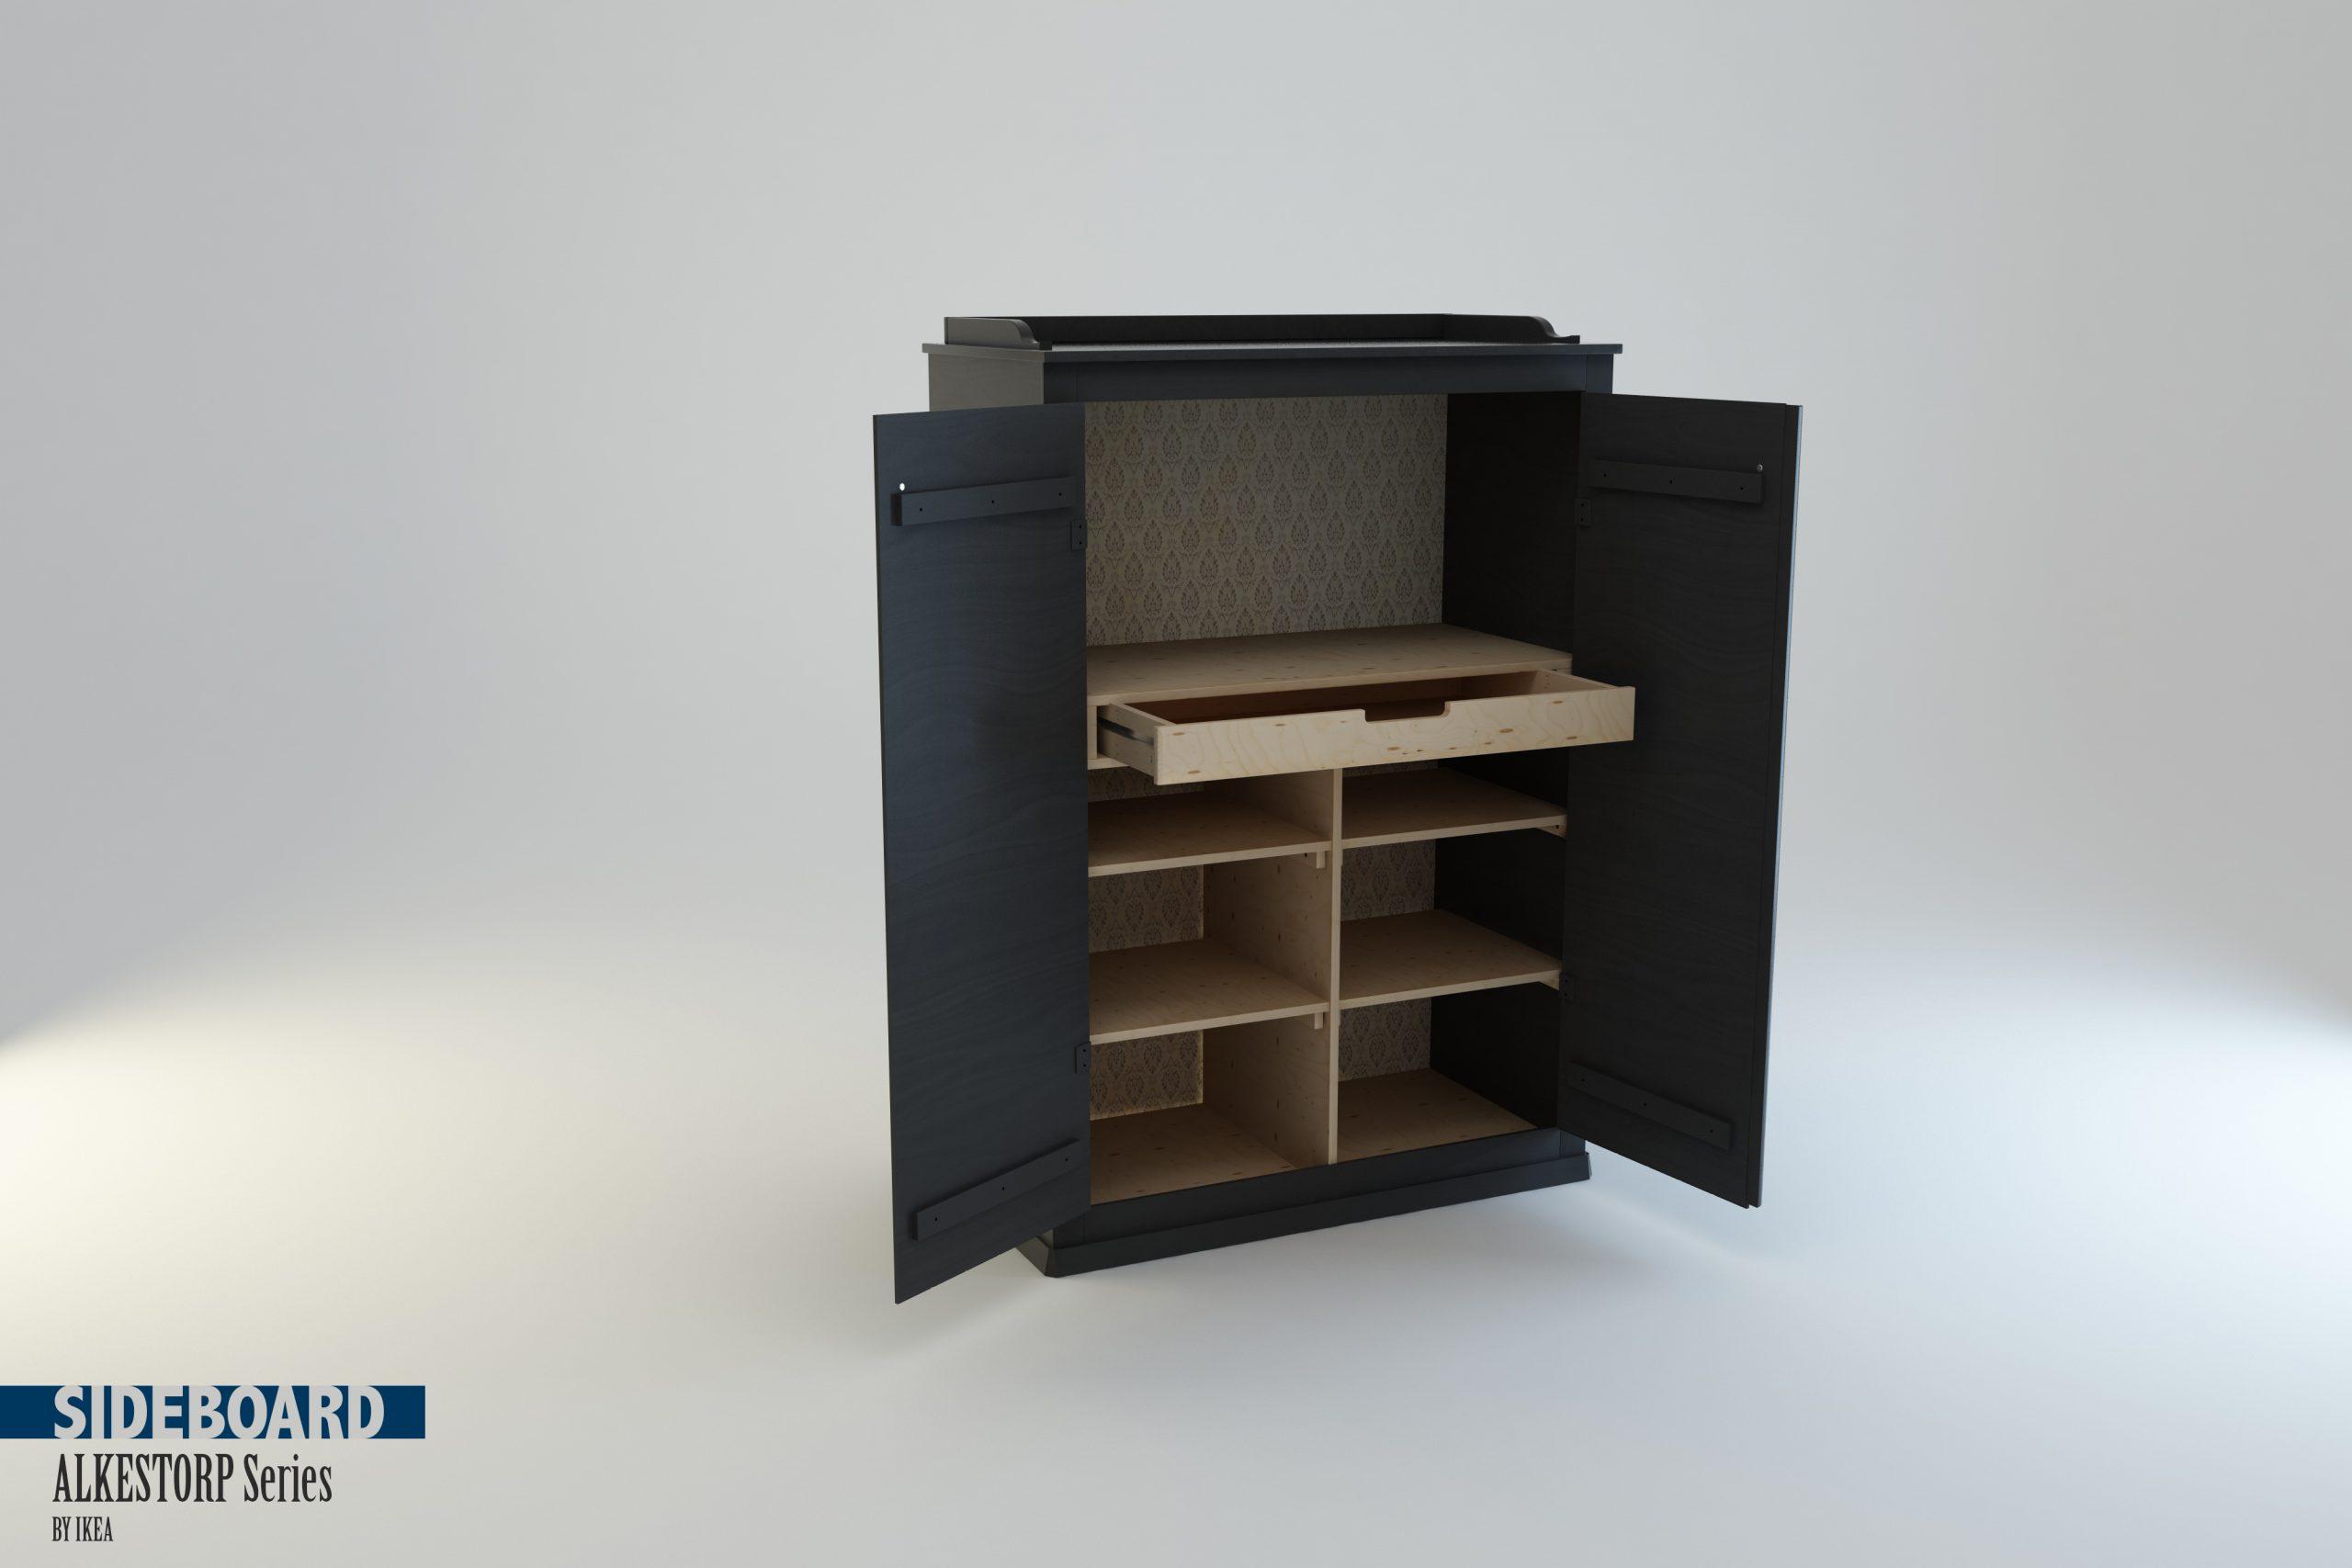 Full Size of Sideboard Ikea 3d Arkelstorp Set Model Sofa Mit Schlaffunktion Küche Betten 160x200 Wohnzimmer Bei Arbeitsplatte Kosten Modulküche Miniküche Kaufen Wohnzimmer Sideboard Ikea